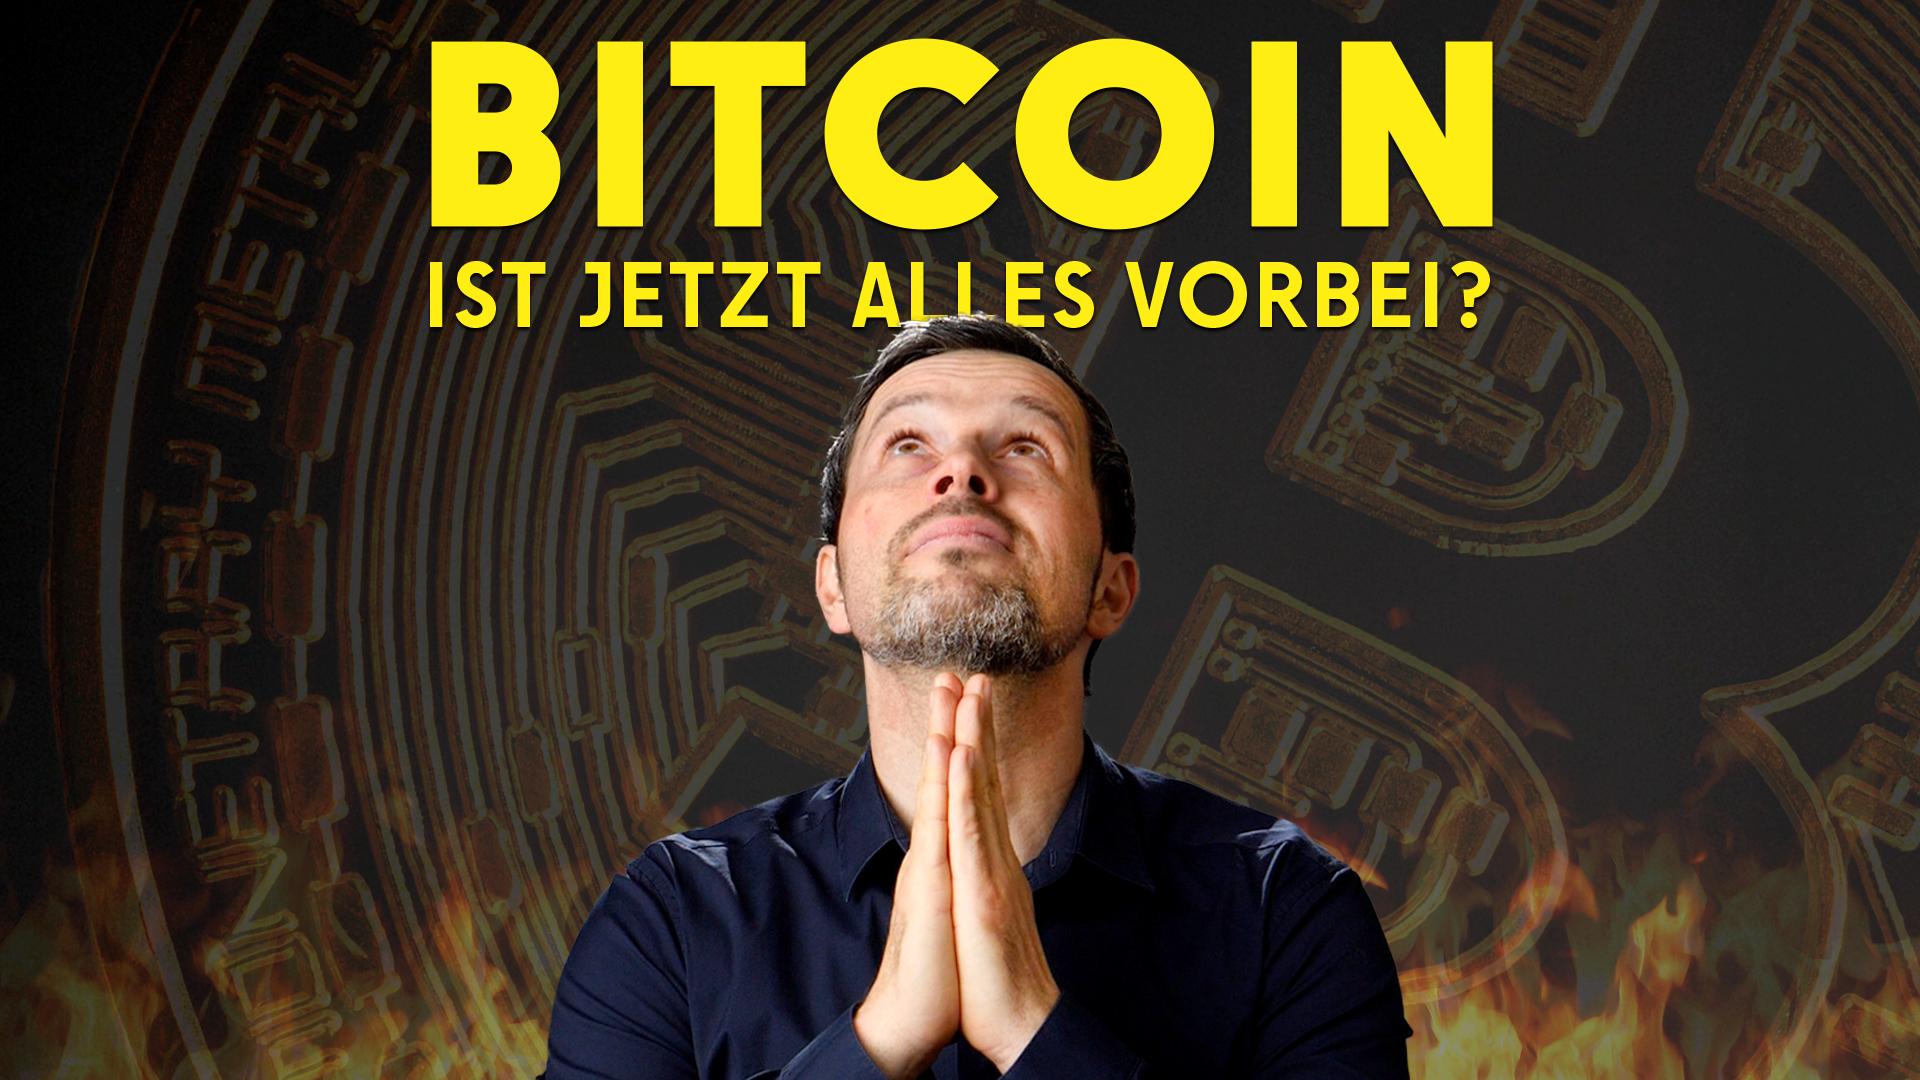 YouTube: Bitcoin alles vorbei? Jetzt verkaufen? (Wyckoff)